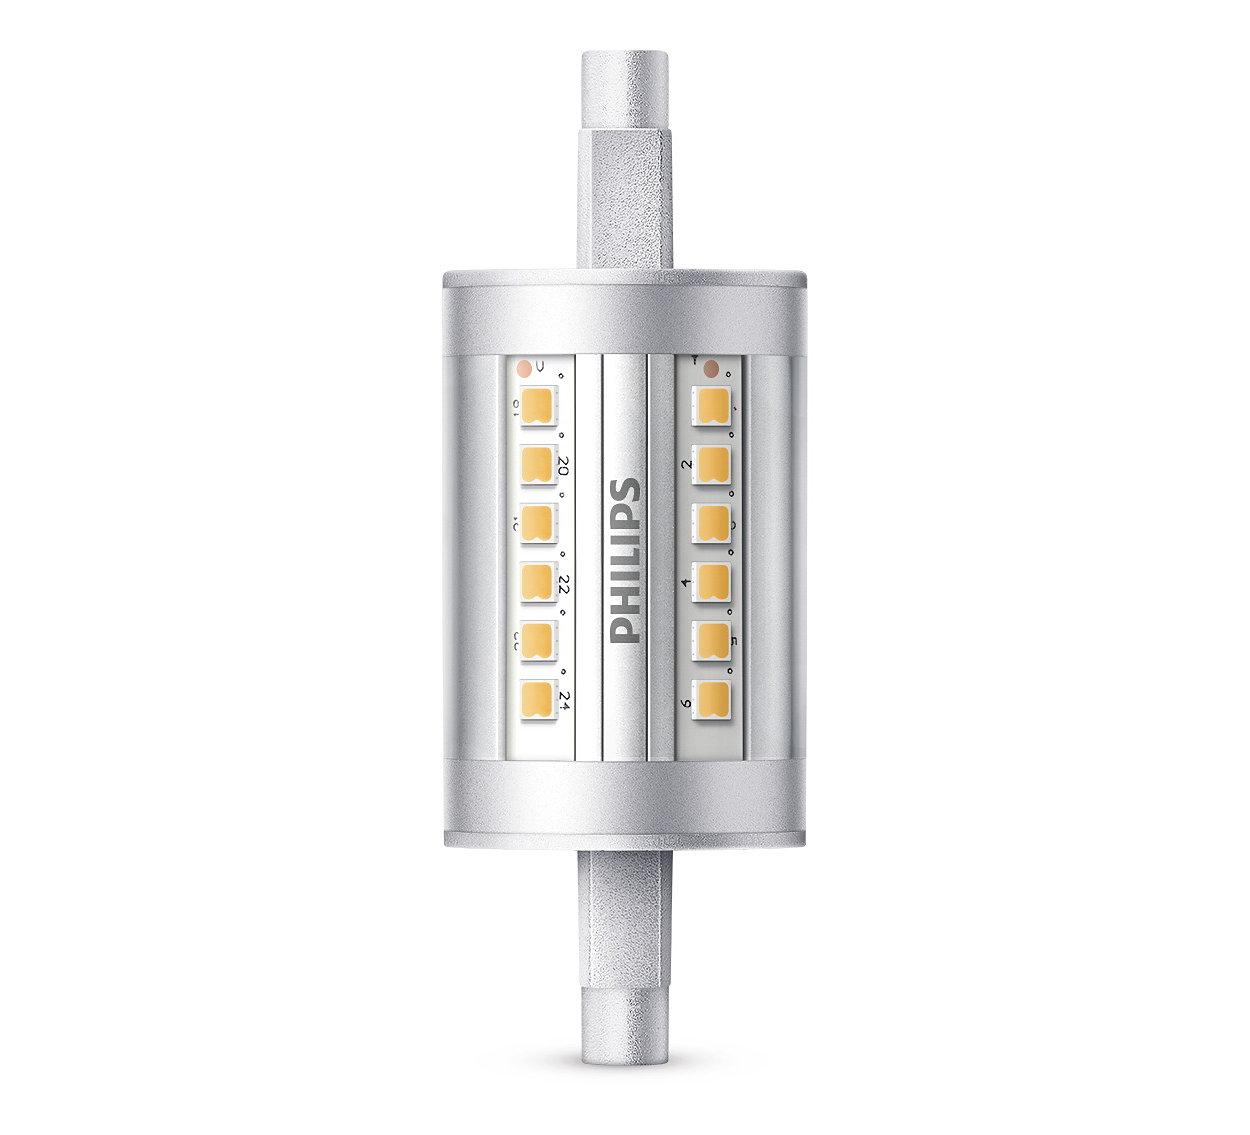 300 derecelik ışık demetiyle dayanıklı LED ışık